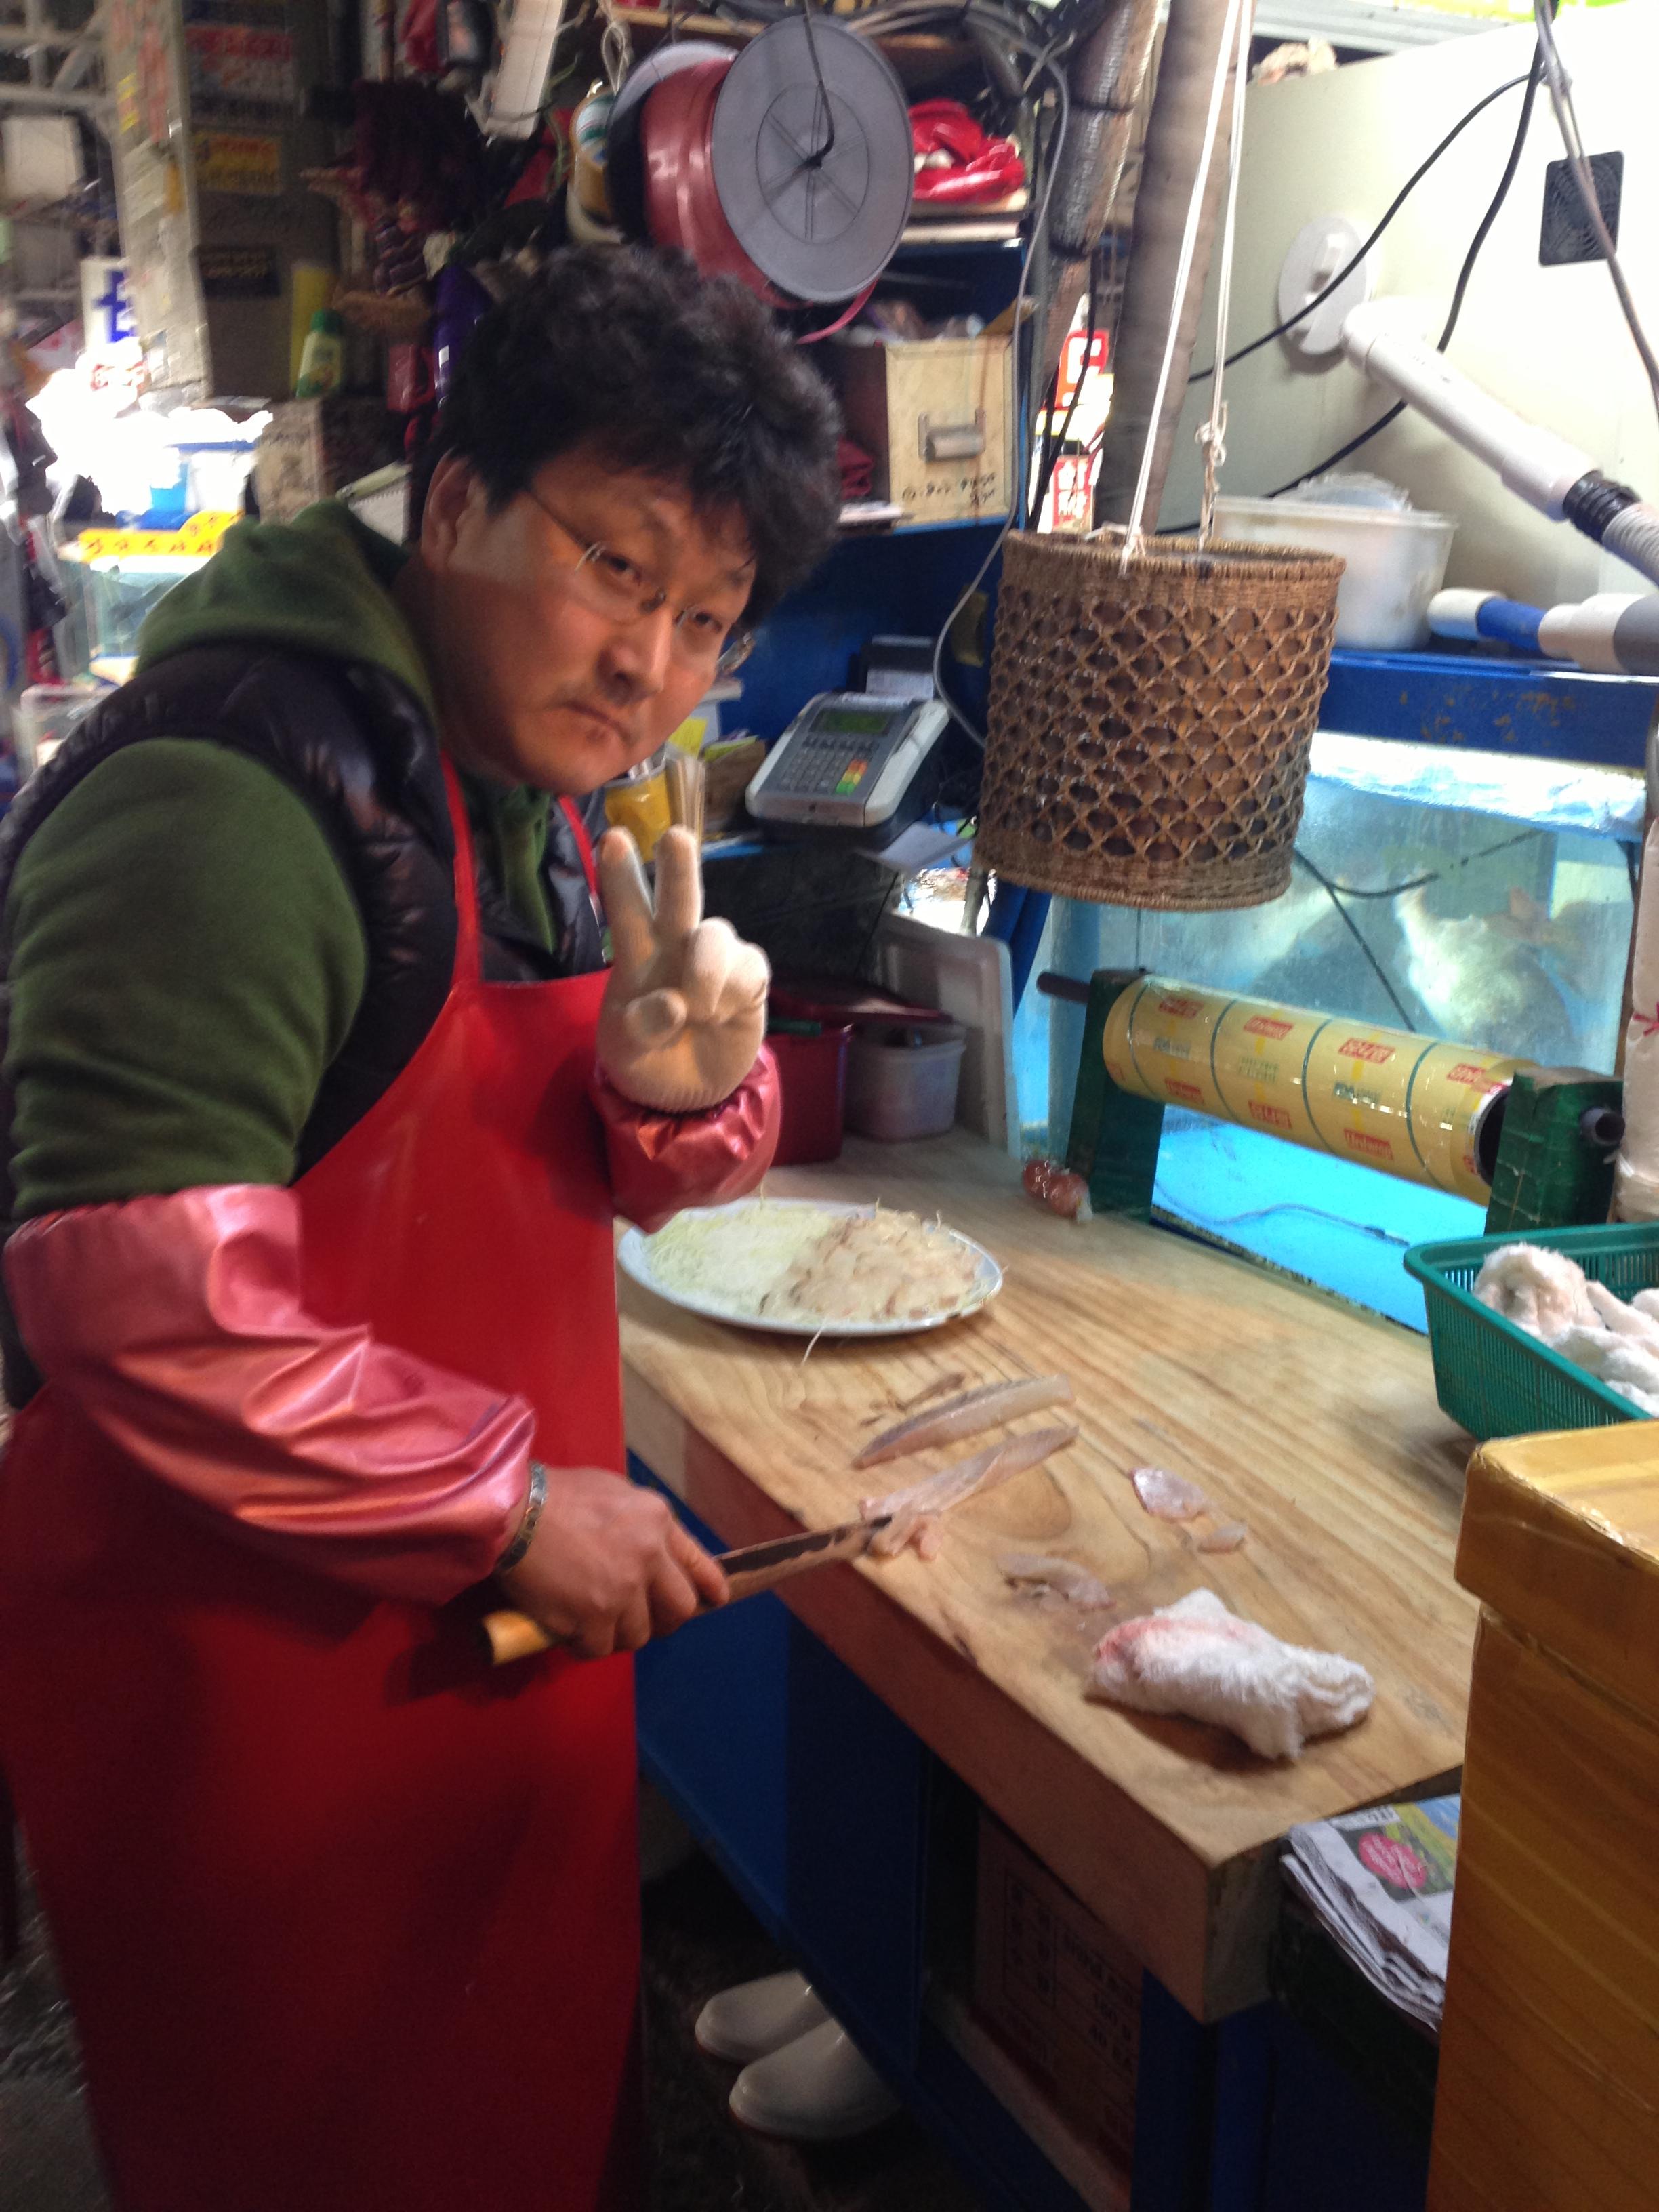 这是我在济州经常吃的一家烤贝壳专门店,没有客人熙熙攘攘、车水马龙,自然海鲜贝类也是更新很快,非常新鲜。烤贝壳套餐非常适合作为夜宵,美味又不会很饱。晚饭的话,不妨点上一只鲜活的帝王蟹,不需再点别的,韩国人不习惯杀价,但会送服务,烤贝、或者烤虾、或者蟹壳炒饭,老板会免费送给你哦!帝王蟹建议3~4人吃,人少会稍微有点贵